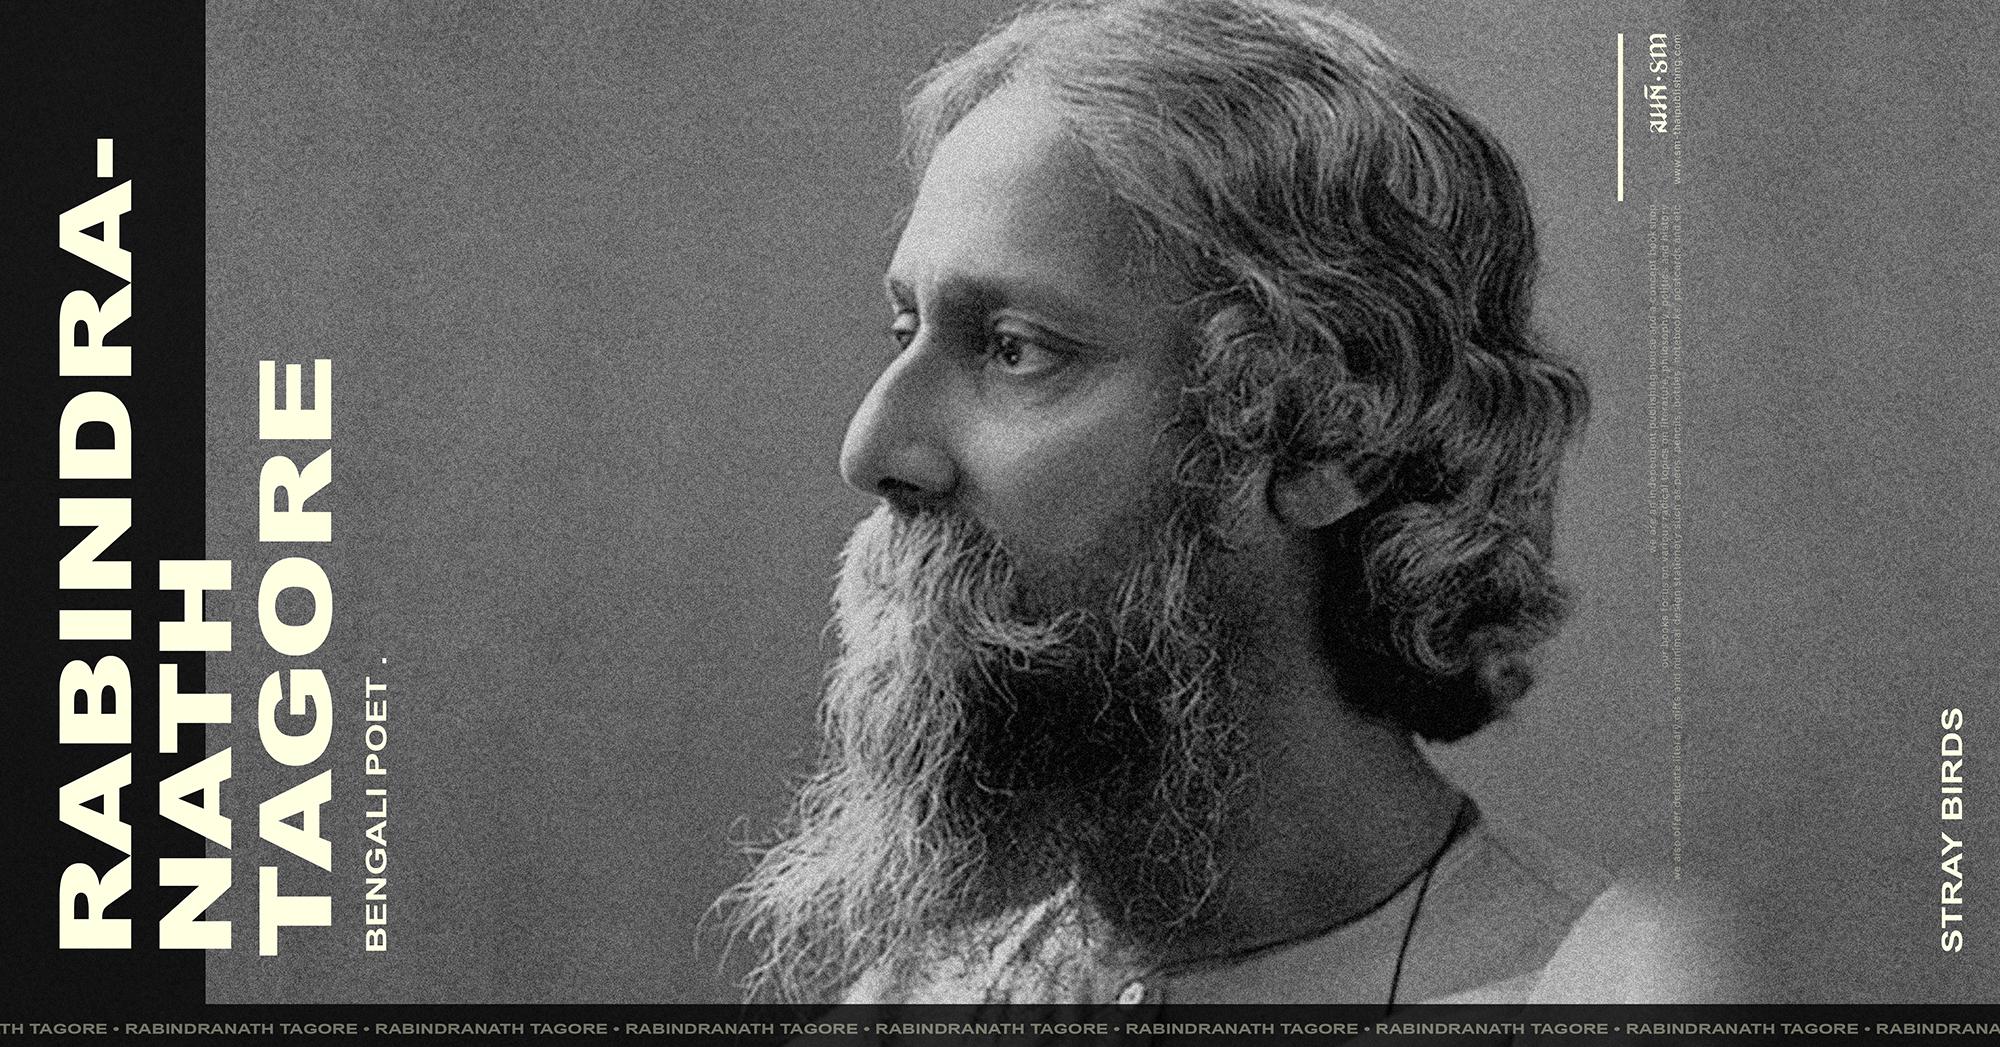 รพินทรนาถ ฐากูร (Rabindranath Tagore) Bengali Poet